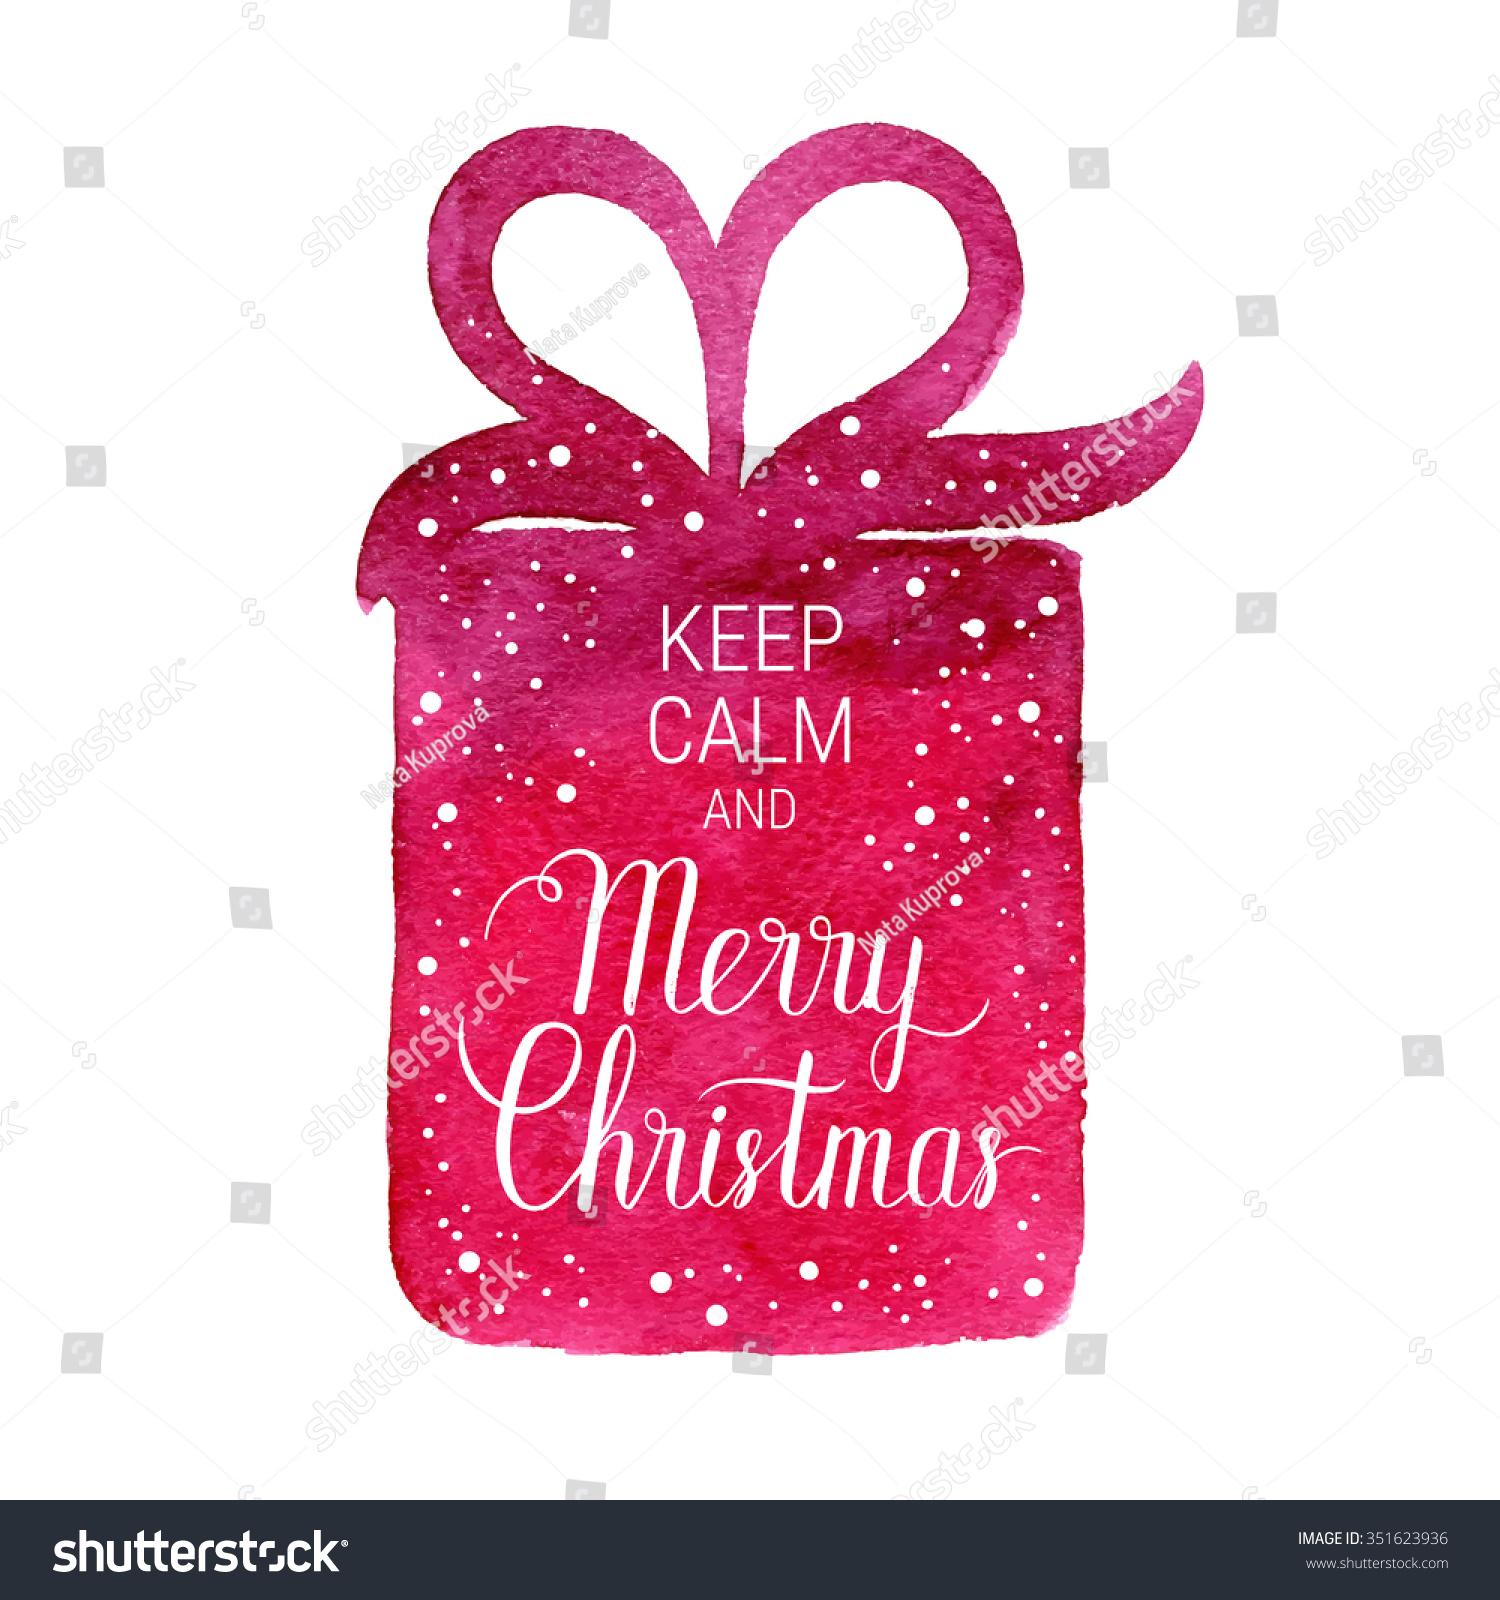 Keep Calm Merry Christmas Poster Vector Stock Vector 351623936 ...